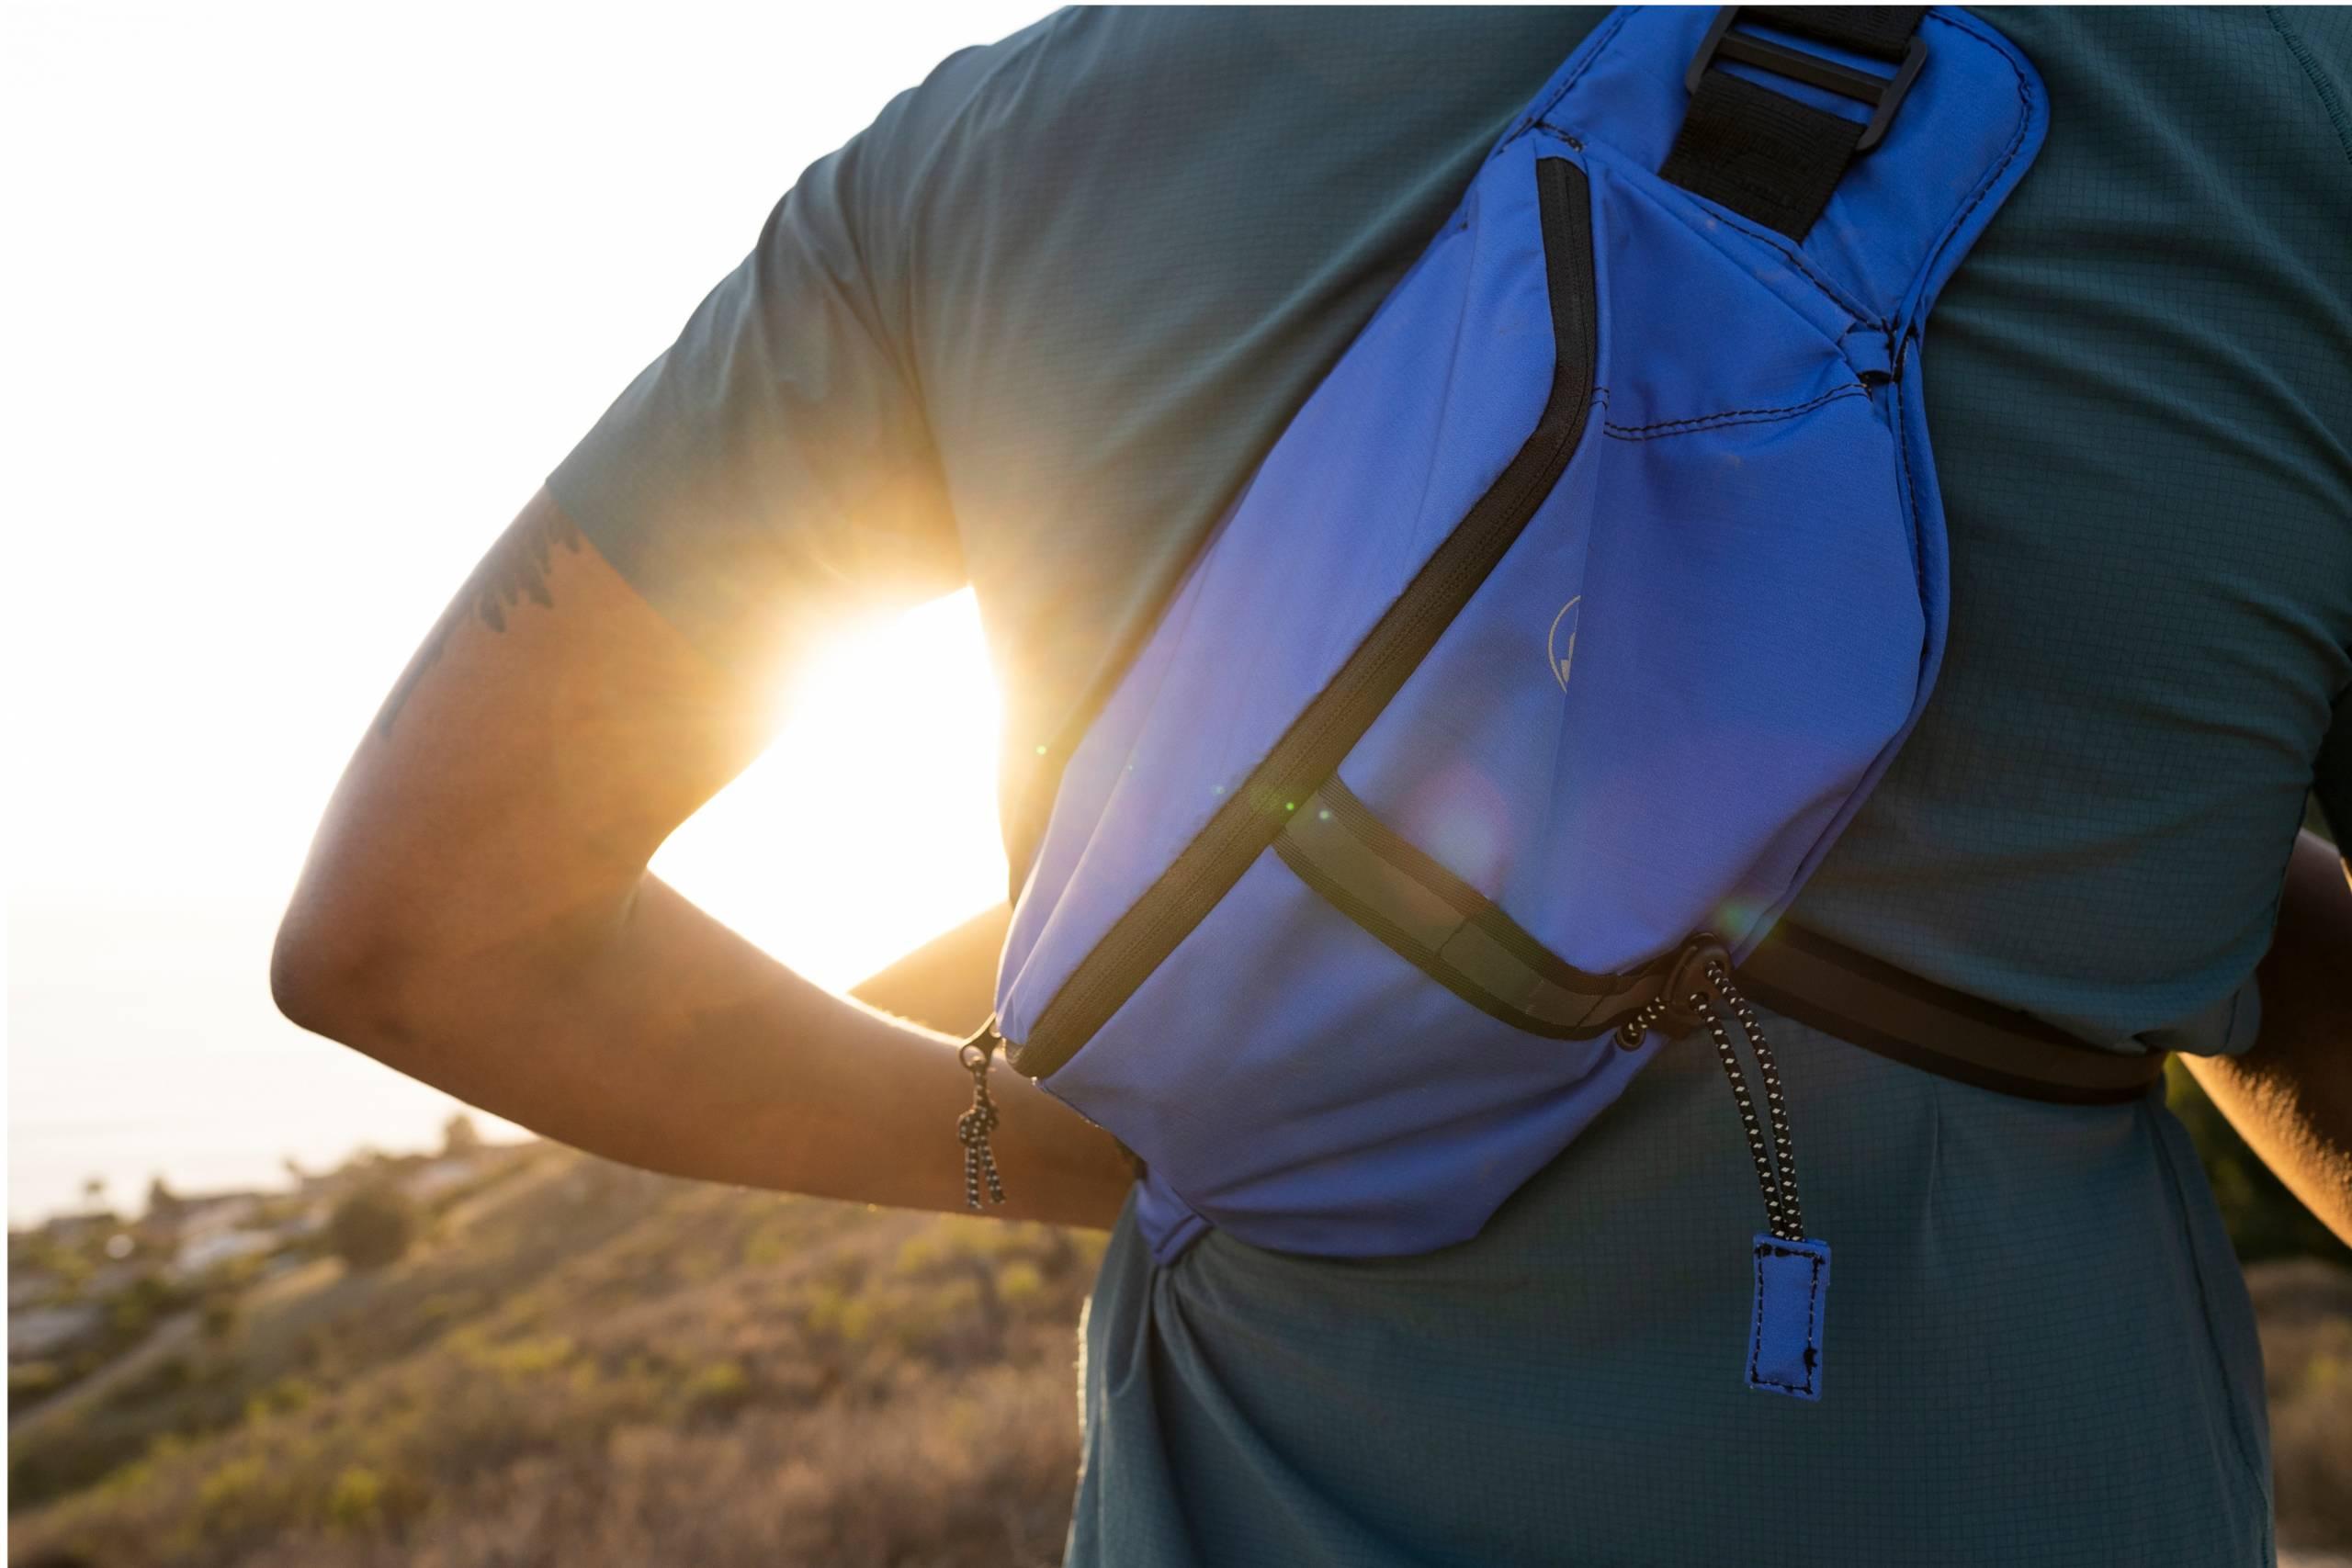 Janji multipass sling